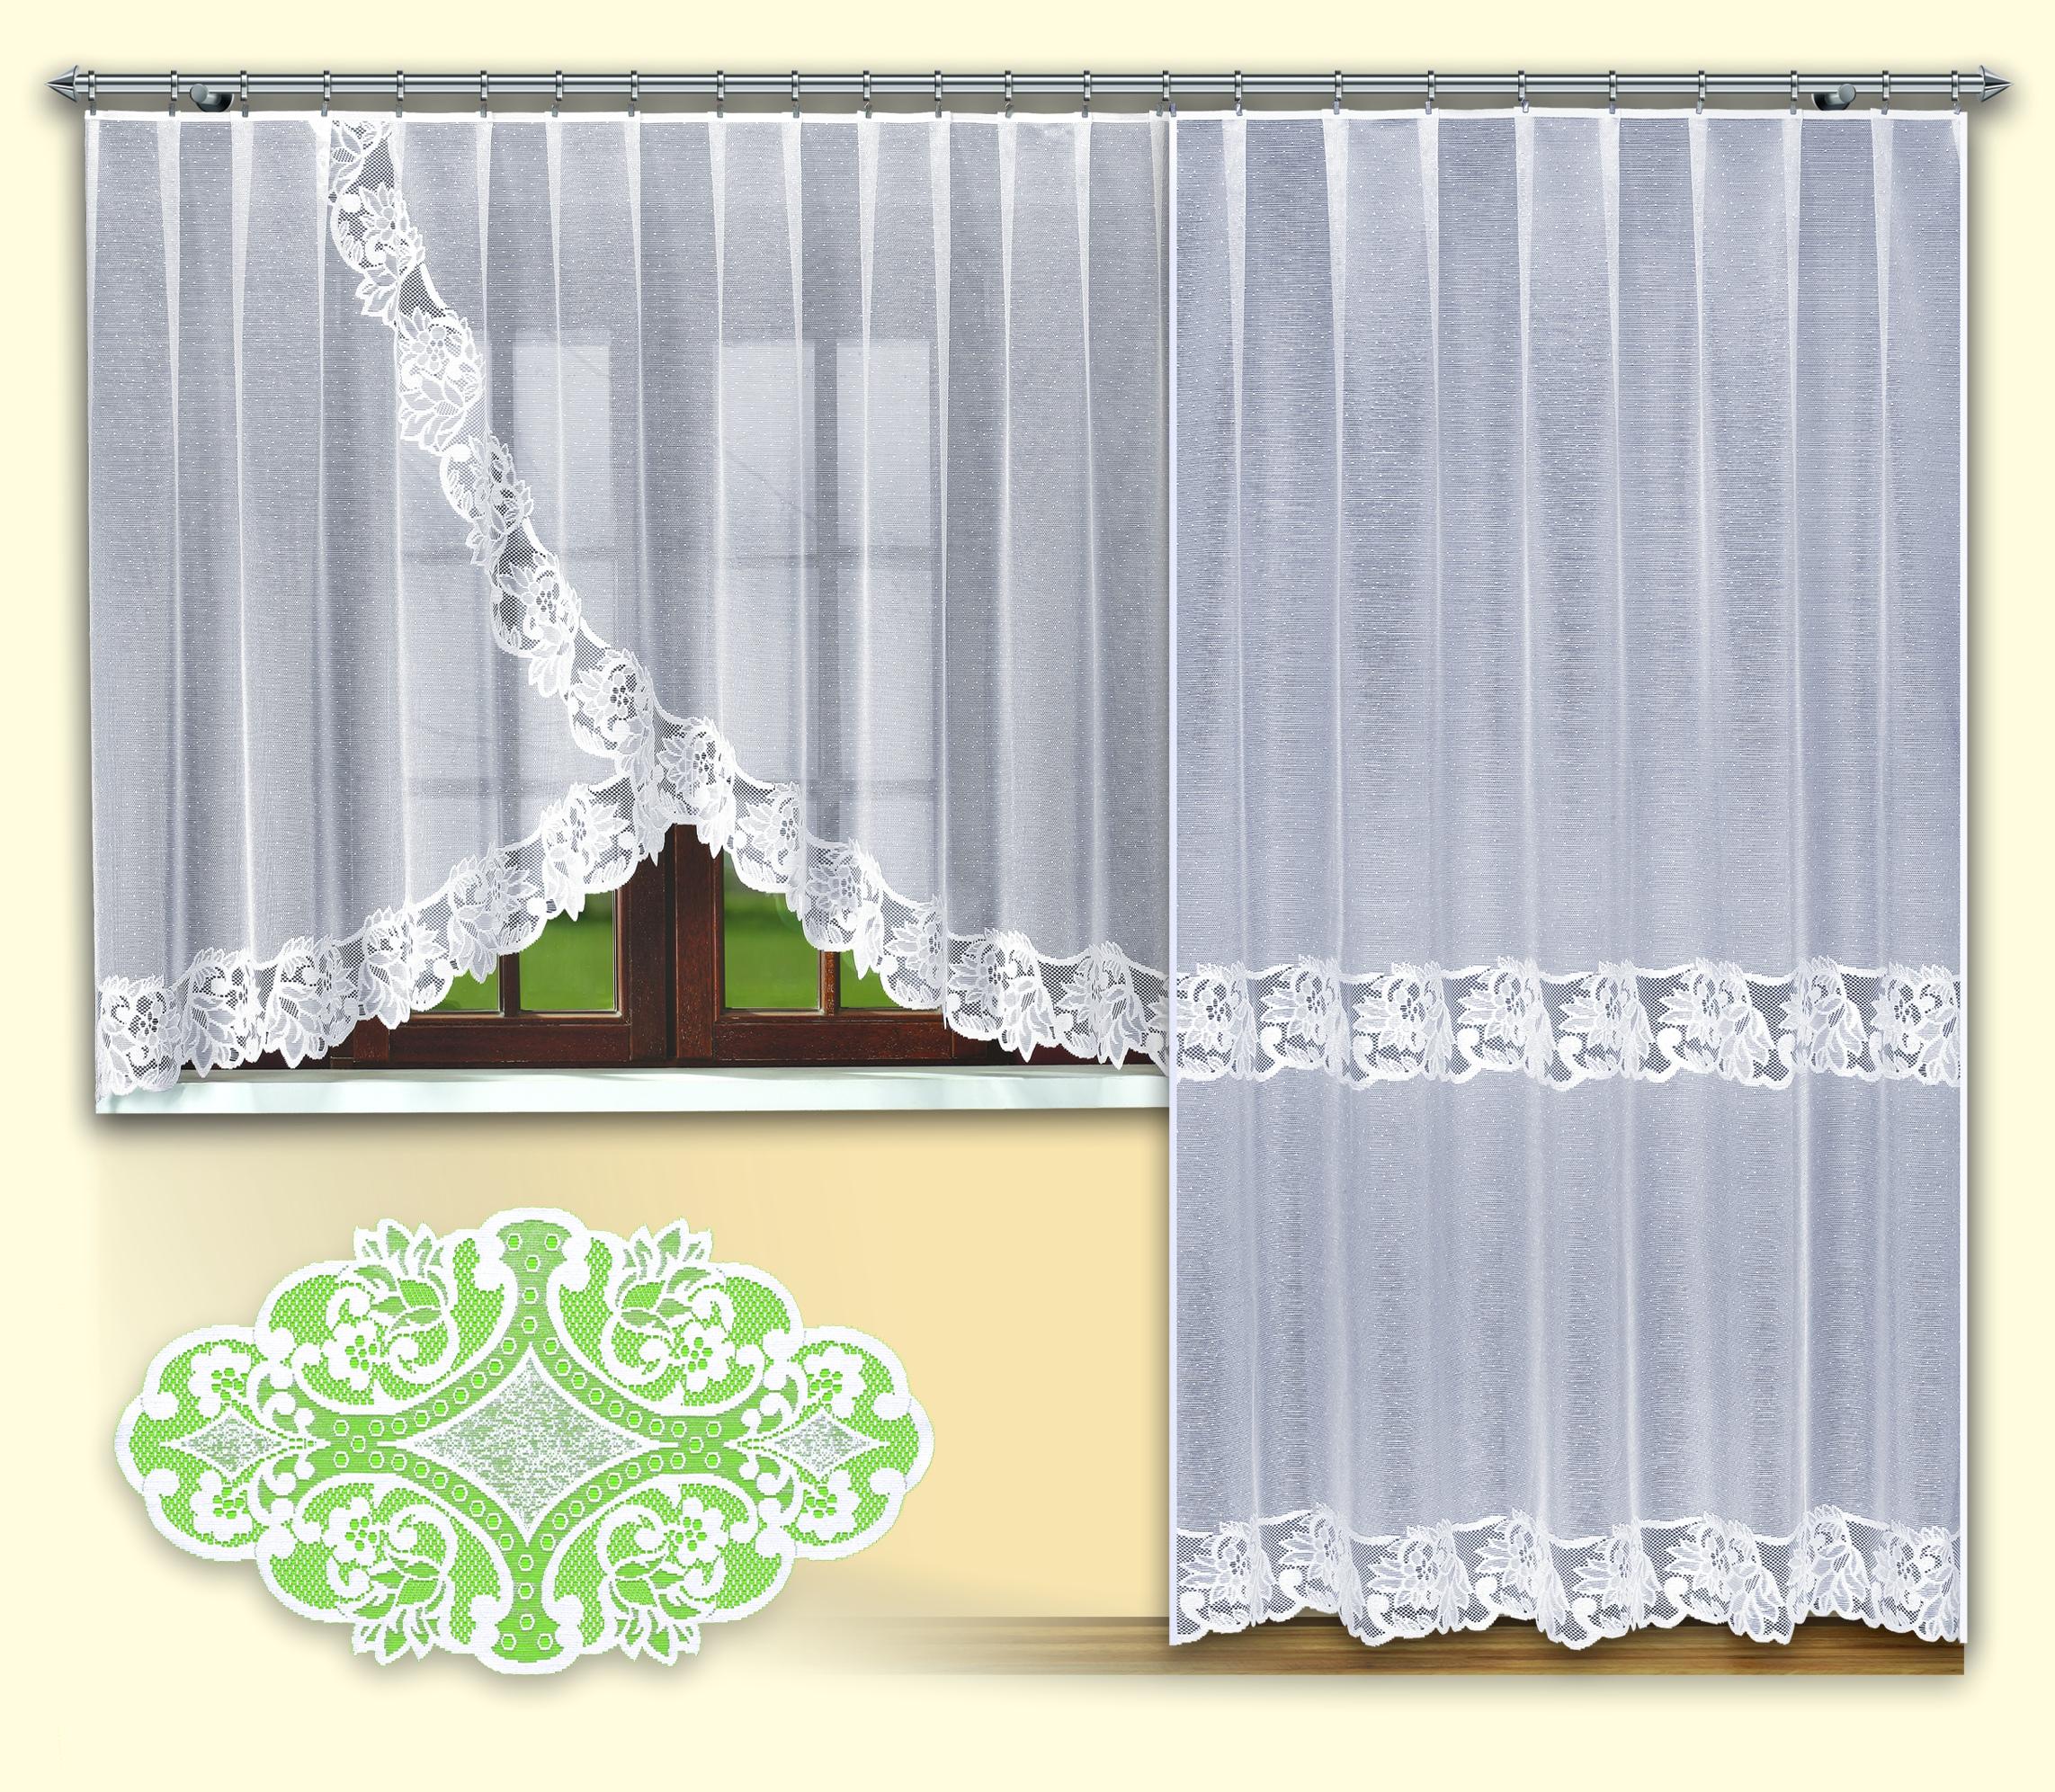 Комплект балконный HAFT 250*200+160*300+90*50. 46272/250GC013/00Комплект балконный XAFT 250*200+160*300+90*50. 46272/250Материал: 100% п/э, размер: 250*200+160*300+90*50, цвет: белый